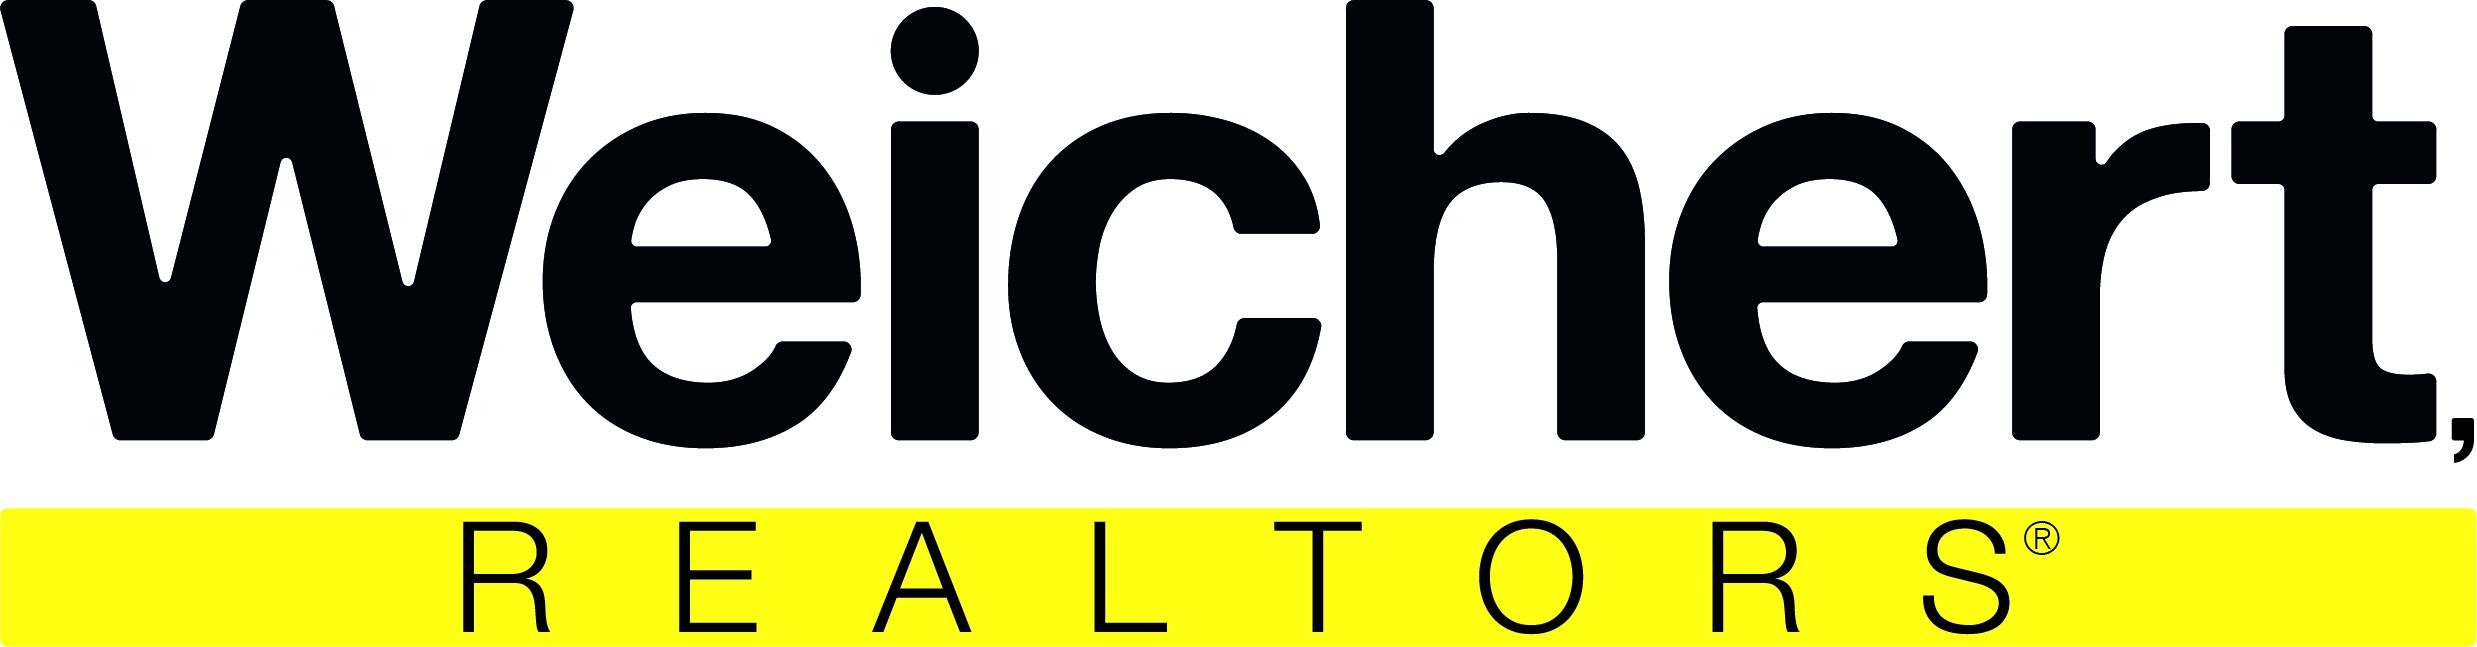 Weichert Realtors Centered Bar Logo.jpg